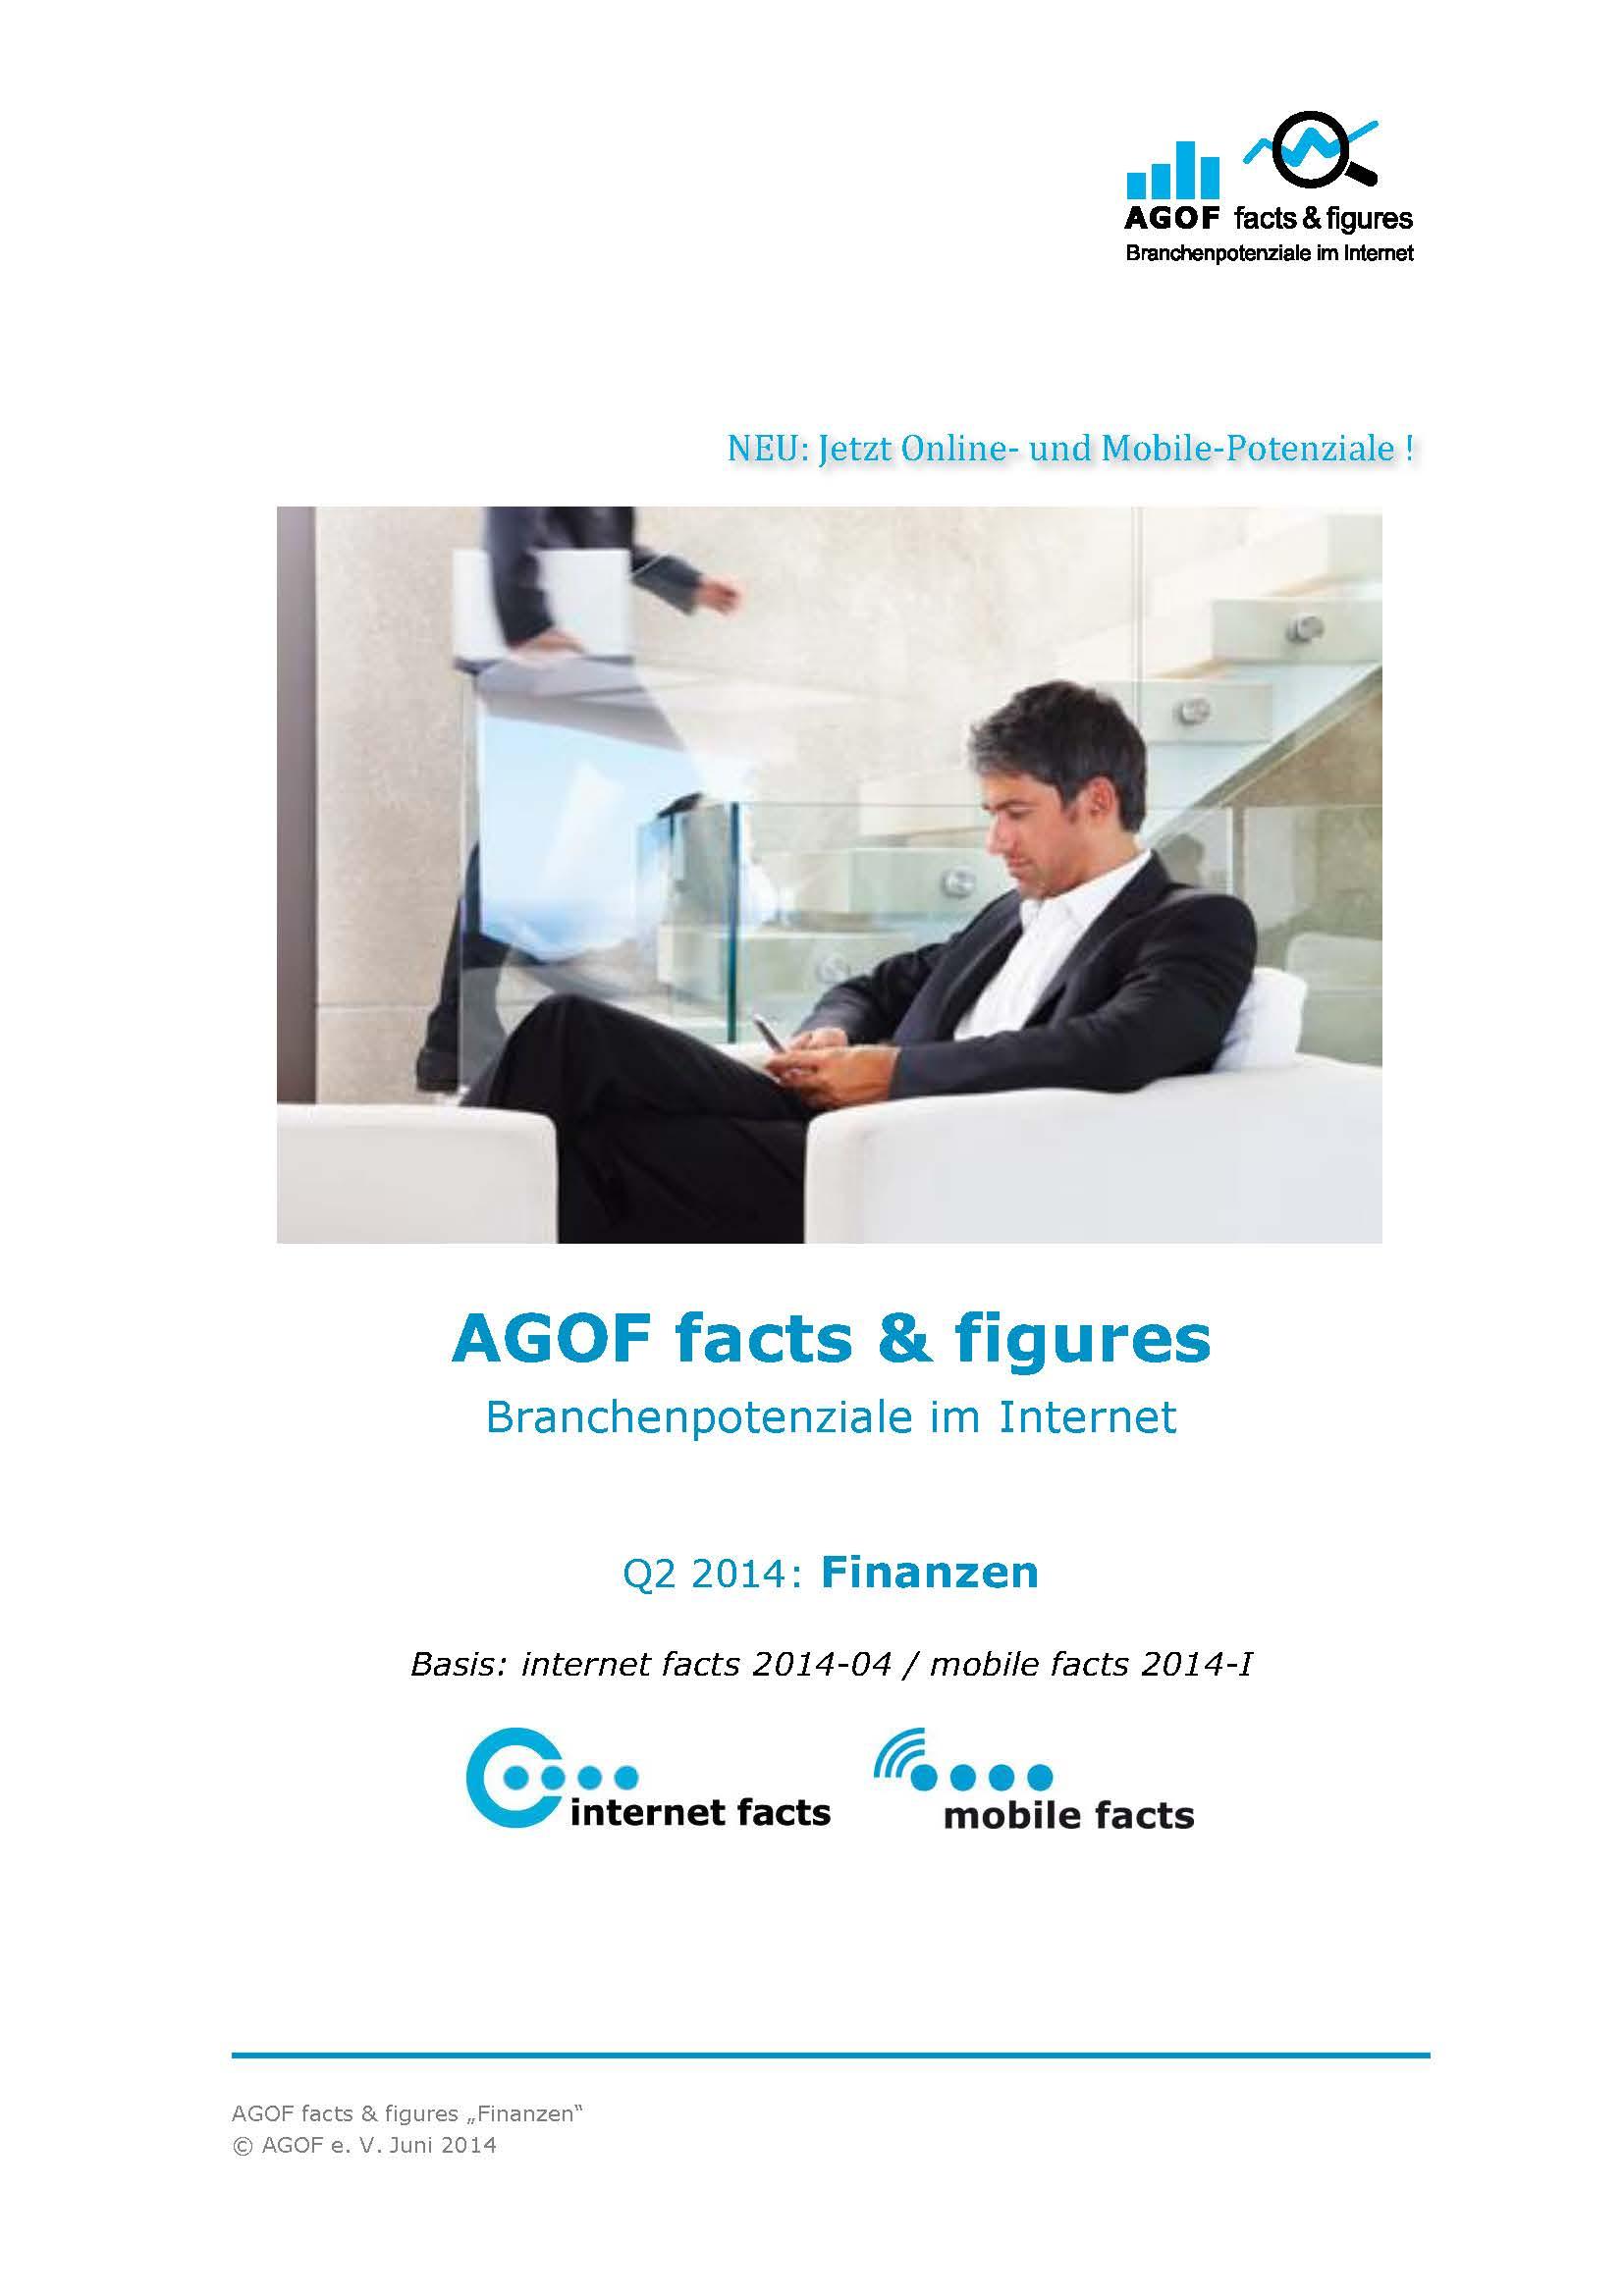 TITEL_factsfigures_2014_finanzen